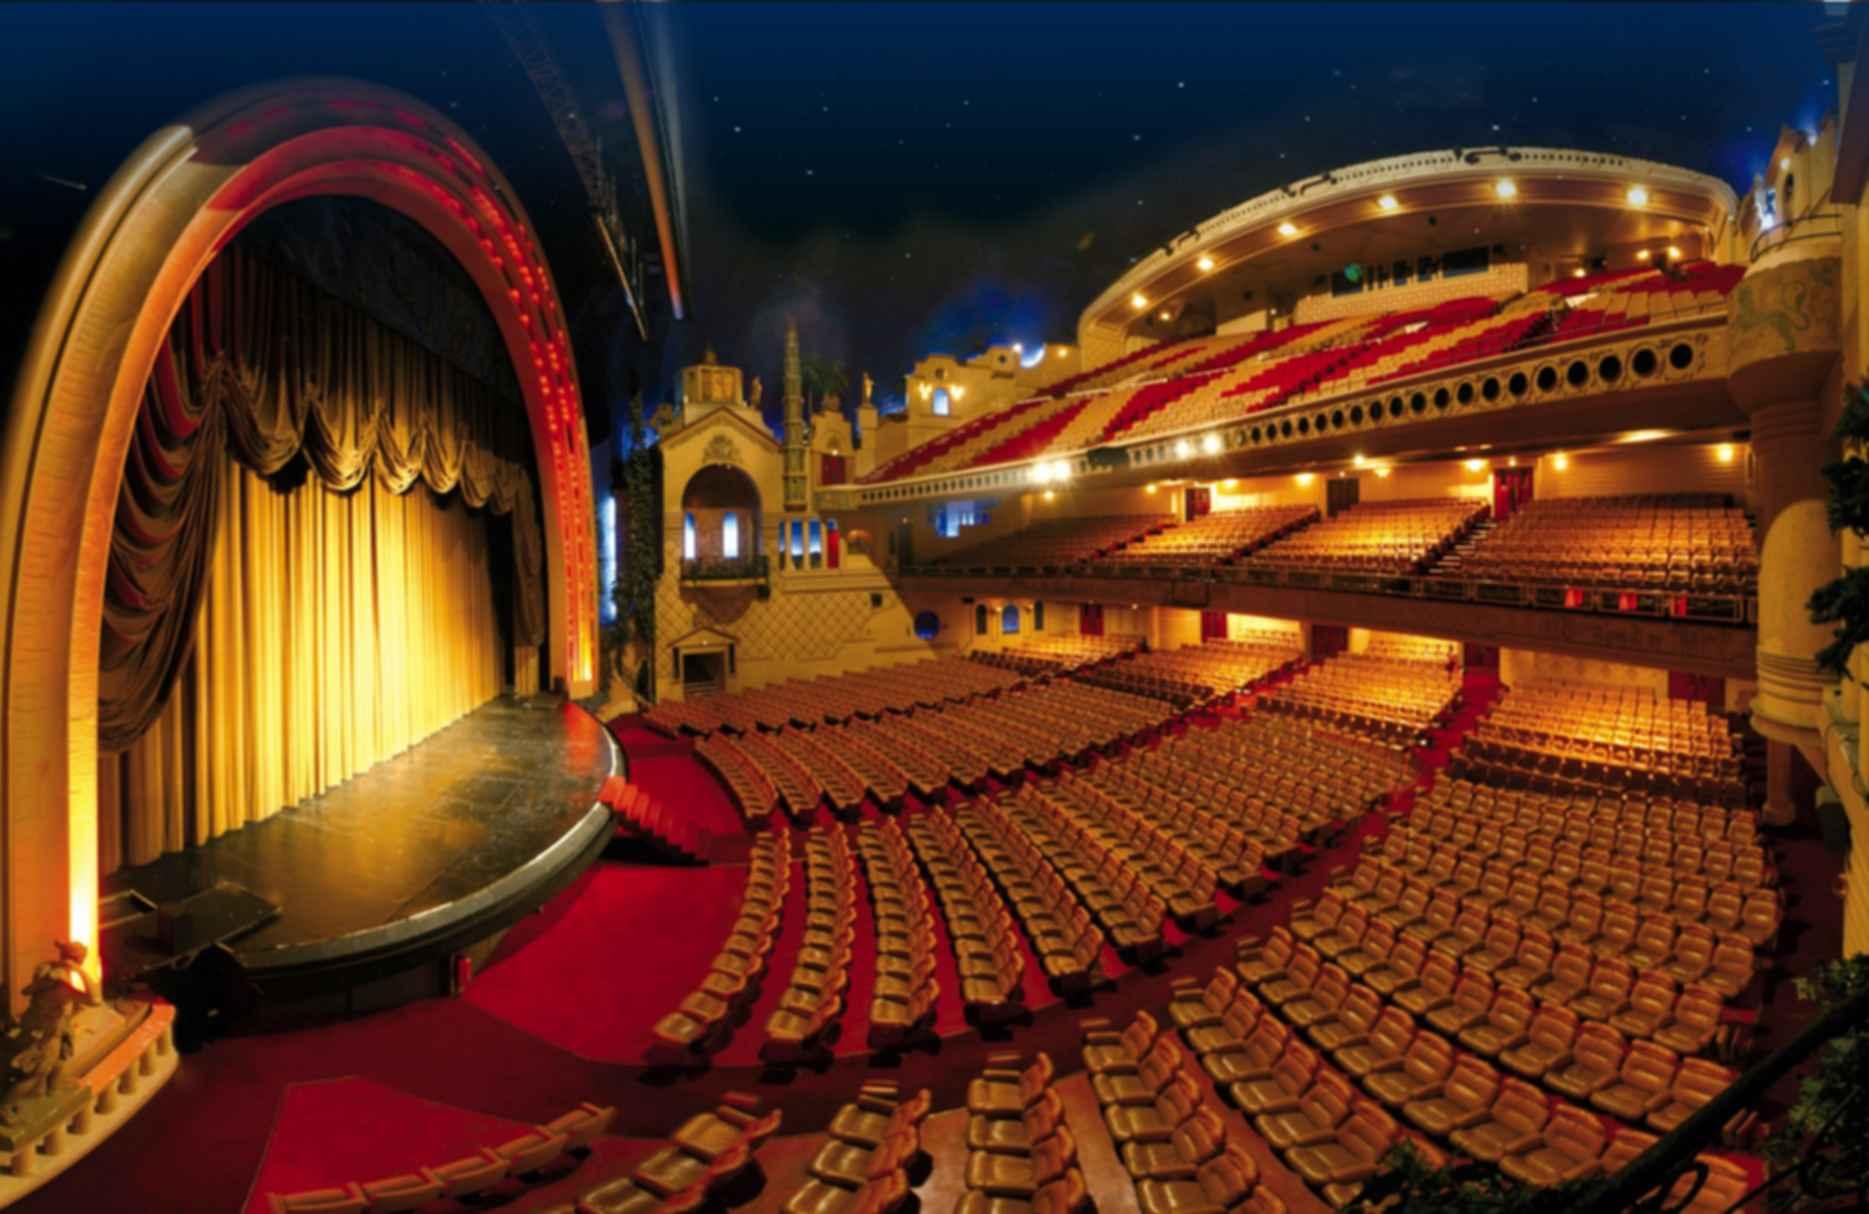 Grand Rex - Auditorium